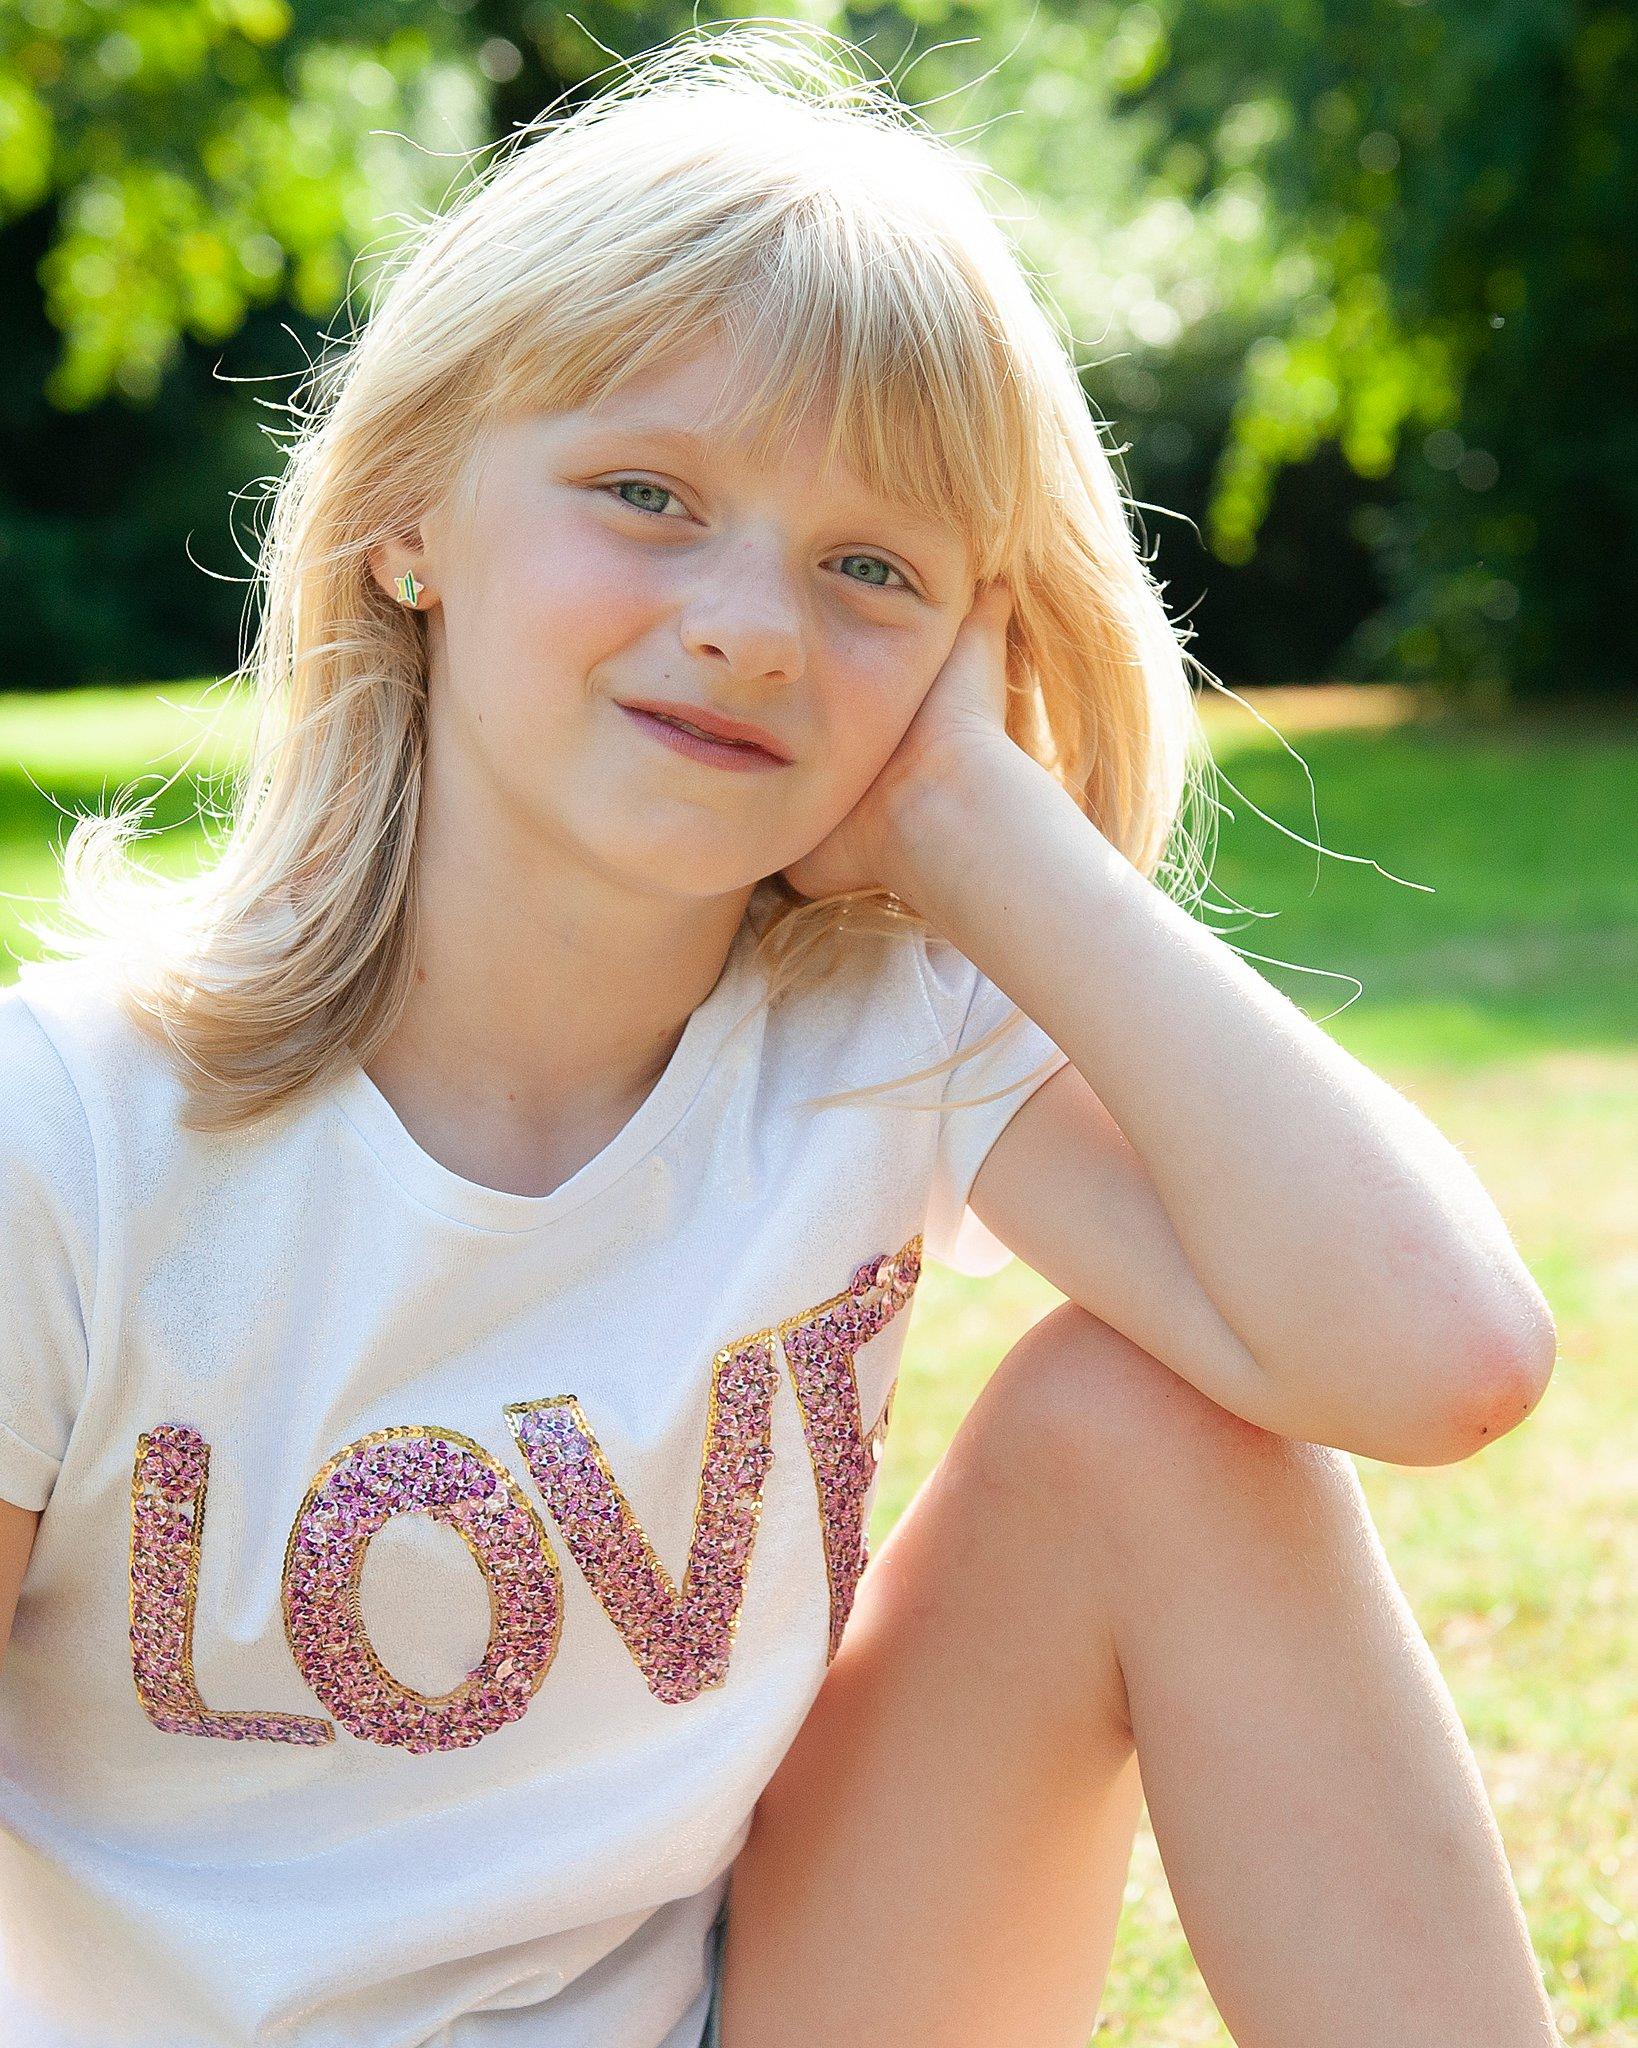 Family_portraits_Family_photographer_family_photography>out_door_photo_shhoots_family_photo_shoots_photographers_near_me Sarah_bee_photography_1313.jpg